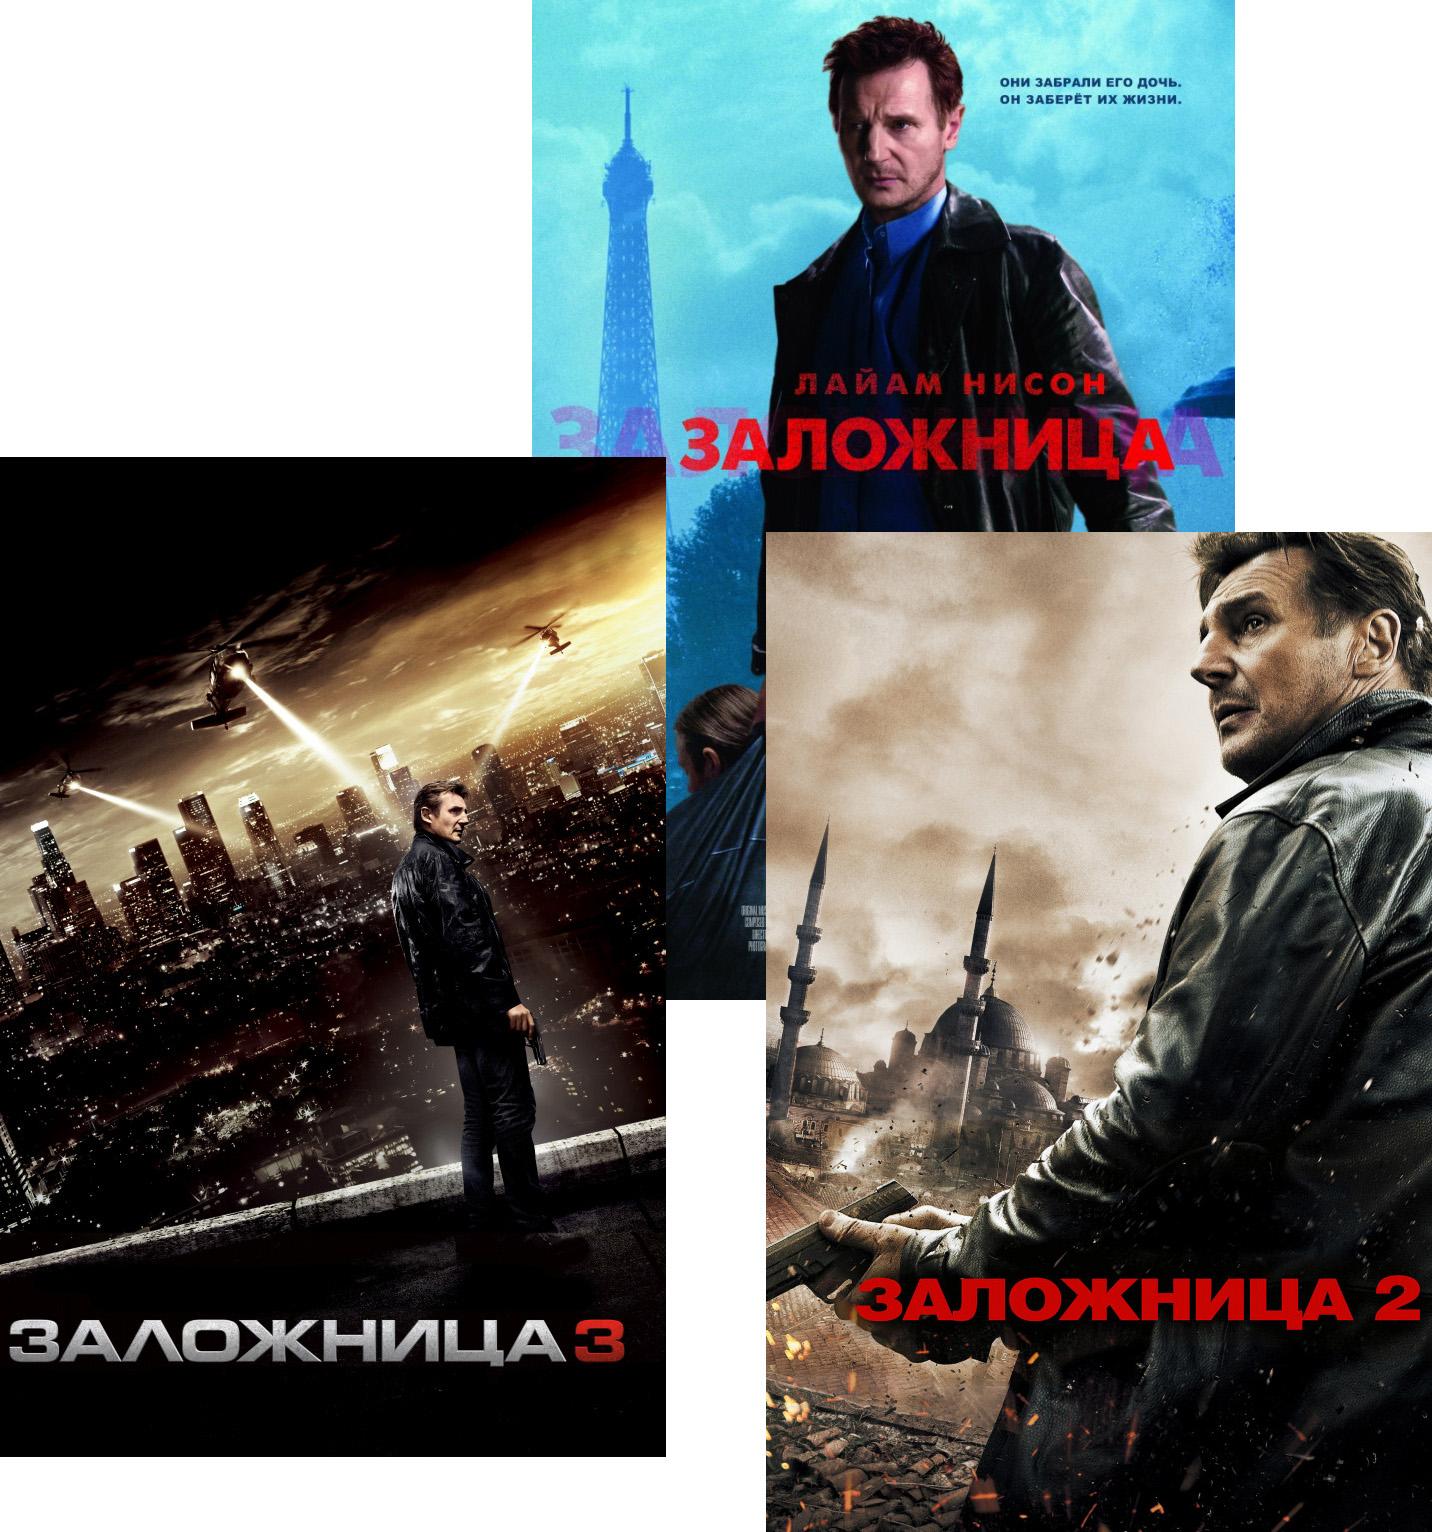 Заложница / Заложница 2 / Заложница 3 (3 DVD) фото